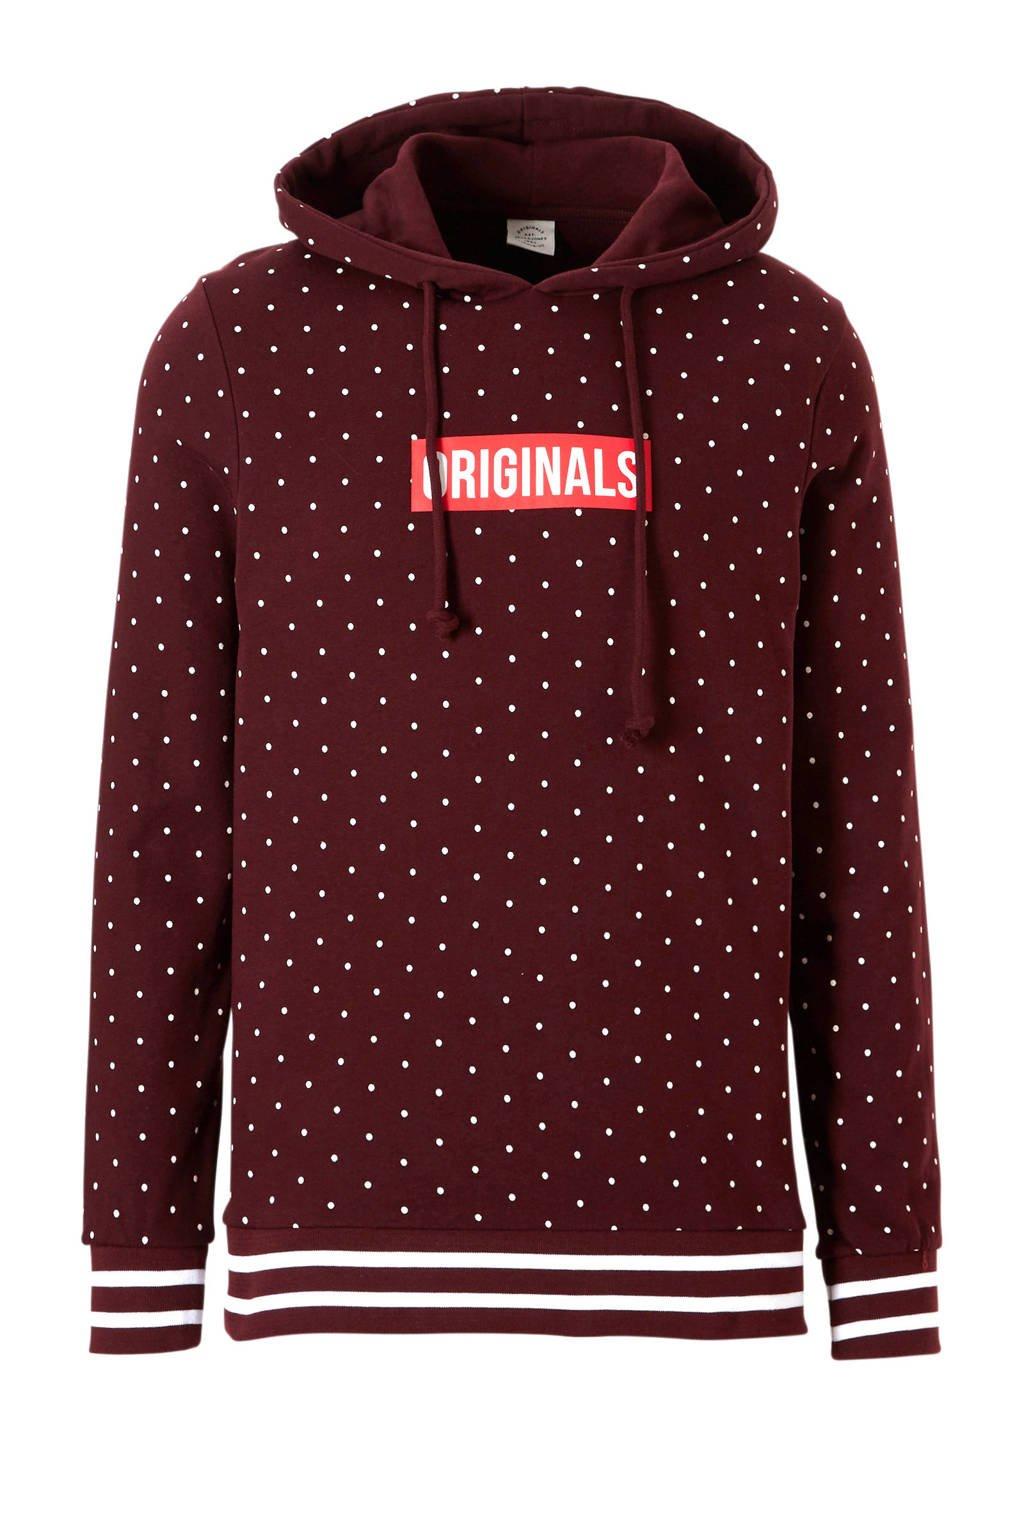 Jack & Jones Originals hoodie, Bordeaux rood